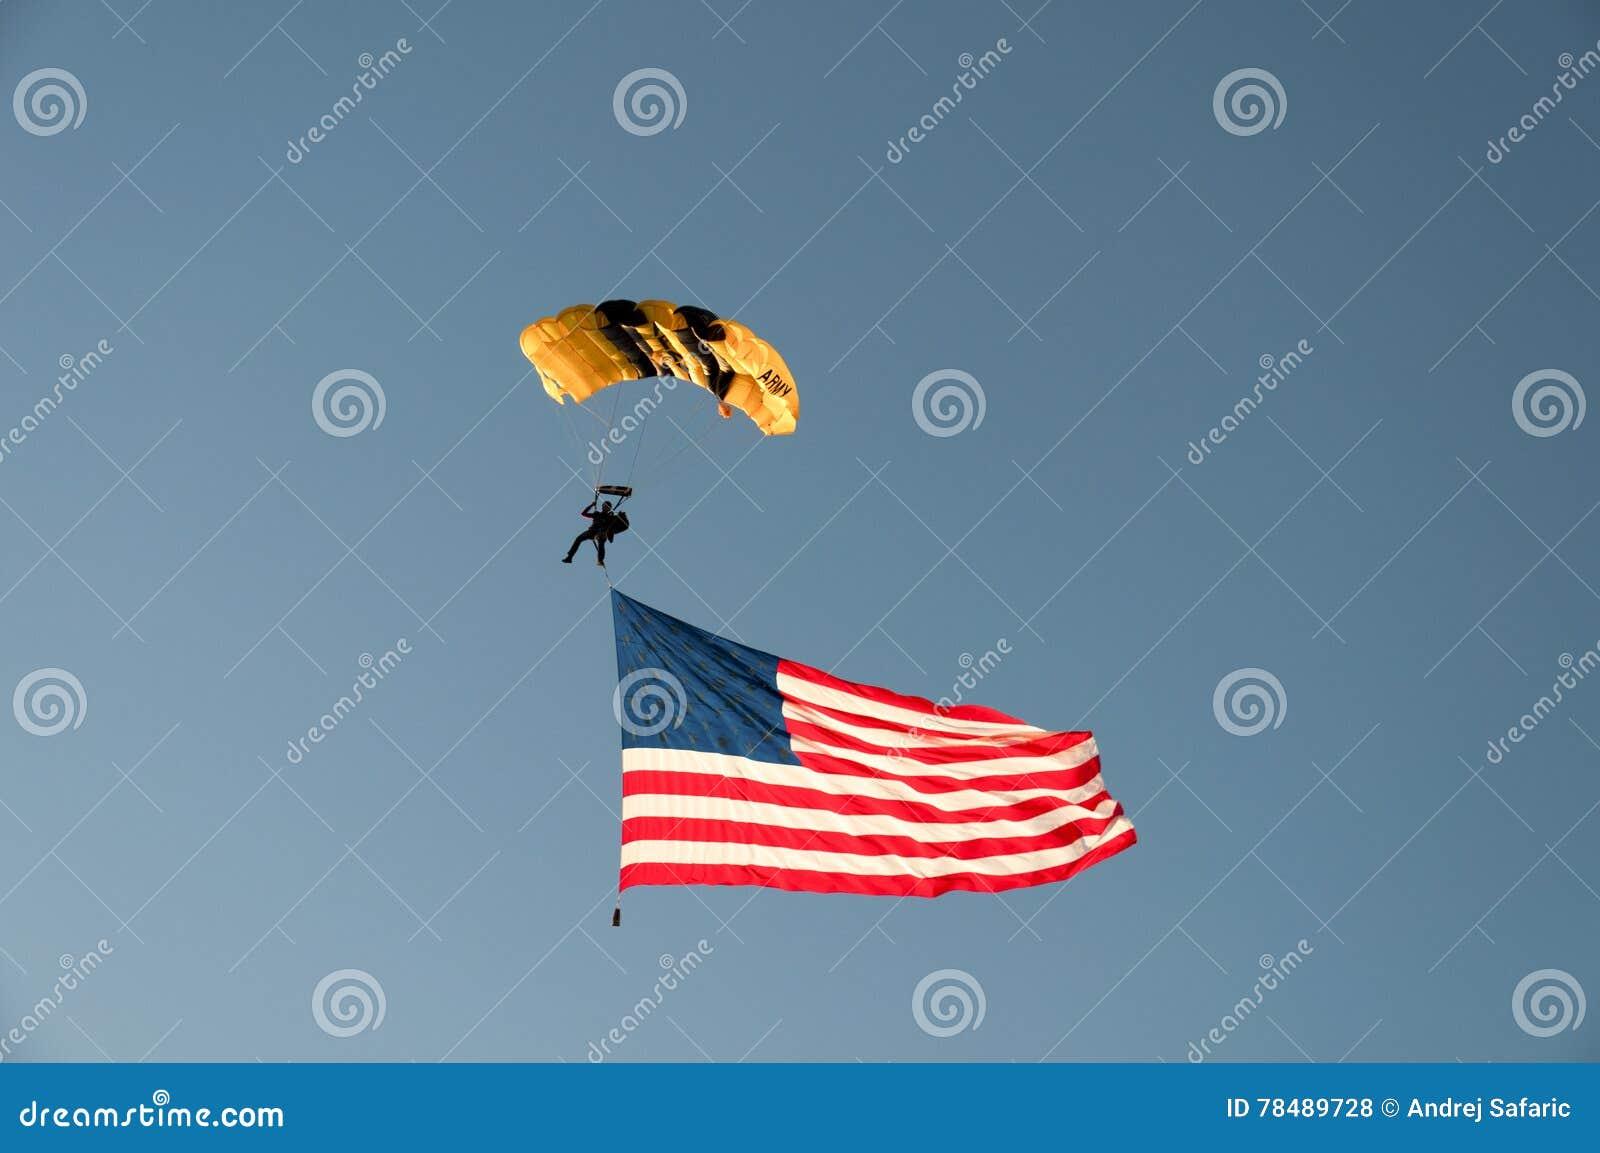 Skydiver del Ejército de los EE. UU. con la bandera de los E.E.U.U.